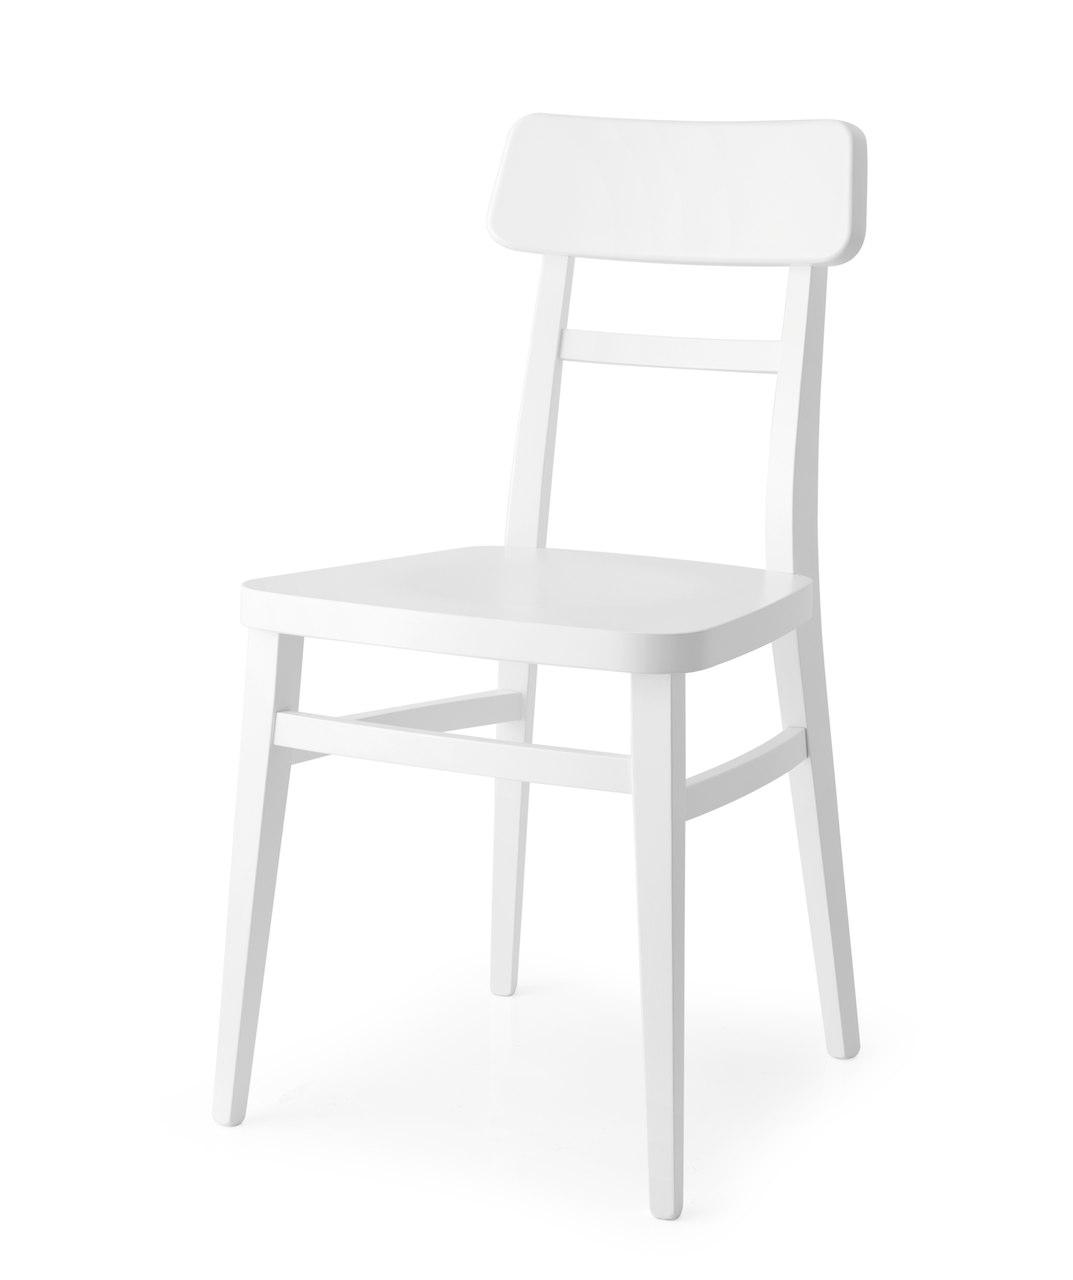 Sedia milano connubia by calligaris linea tavoli e sedie for Sedia milano